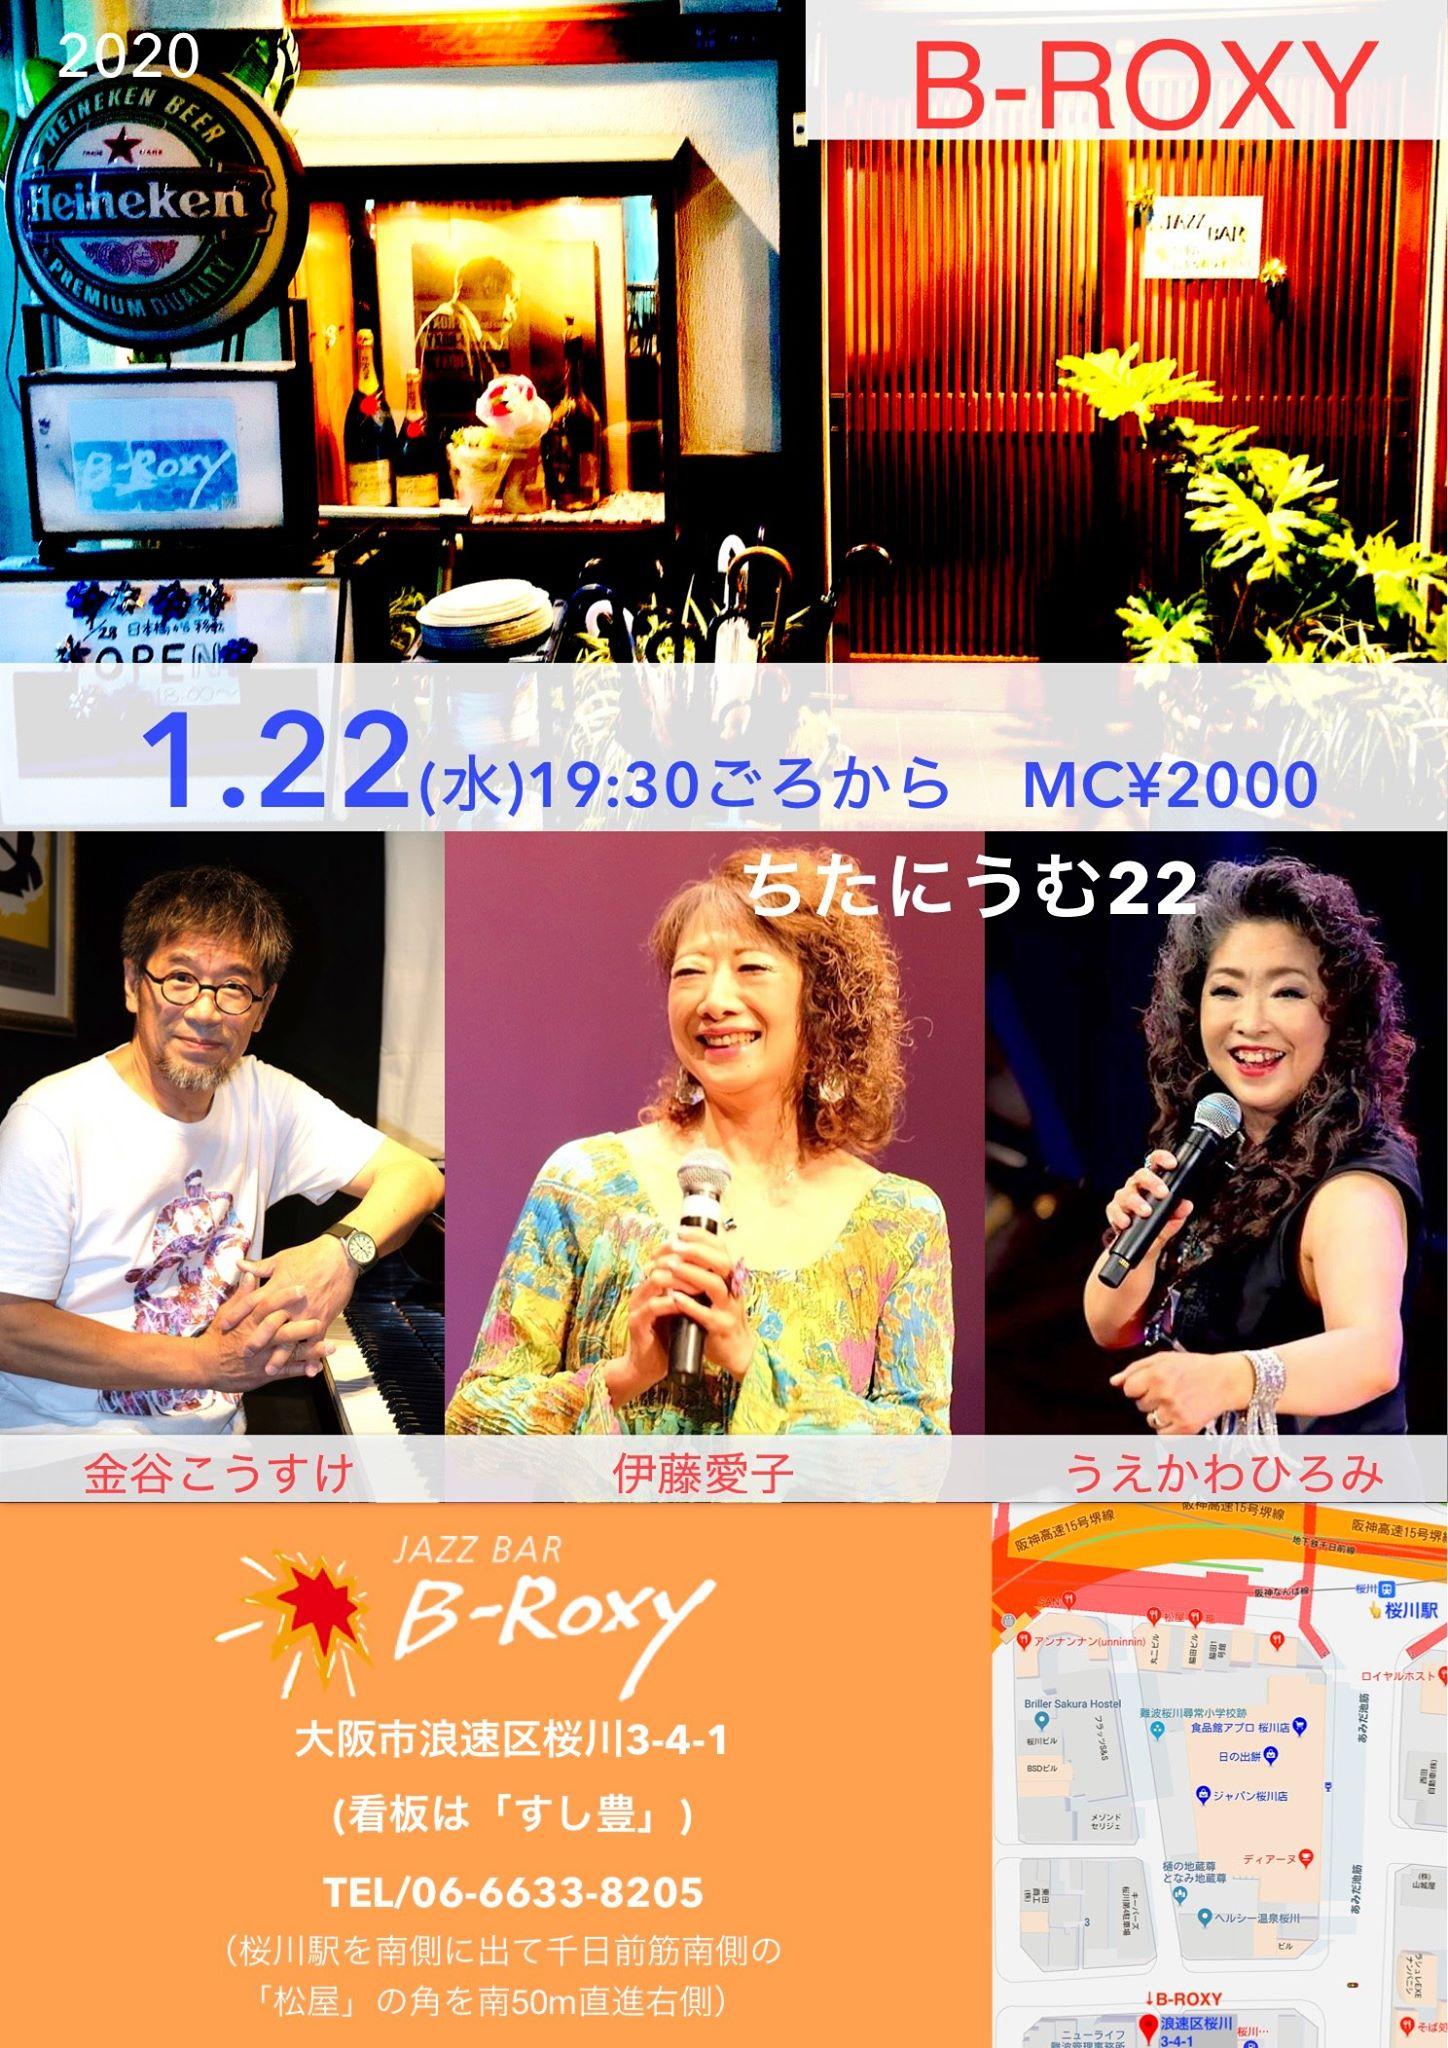 1月22日(水)B-Roxy桜川 アコースティック・ギグ🎵